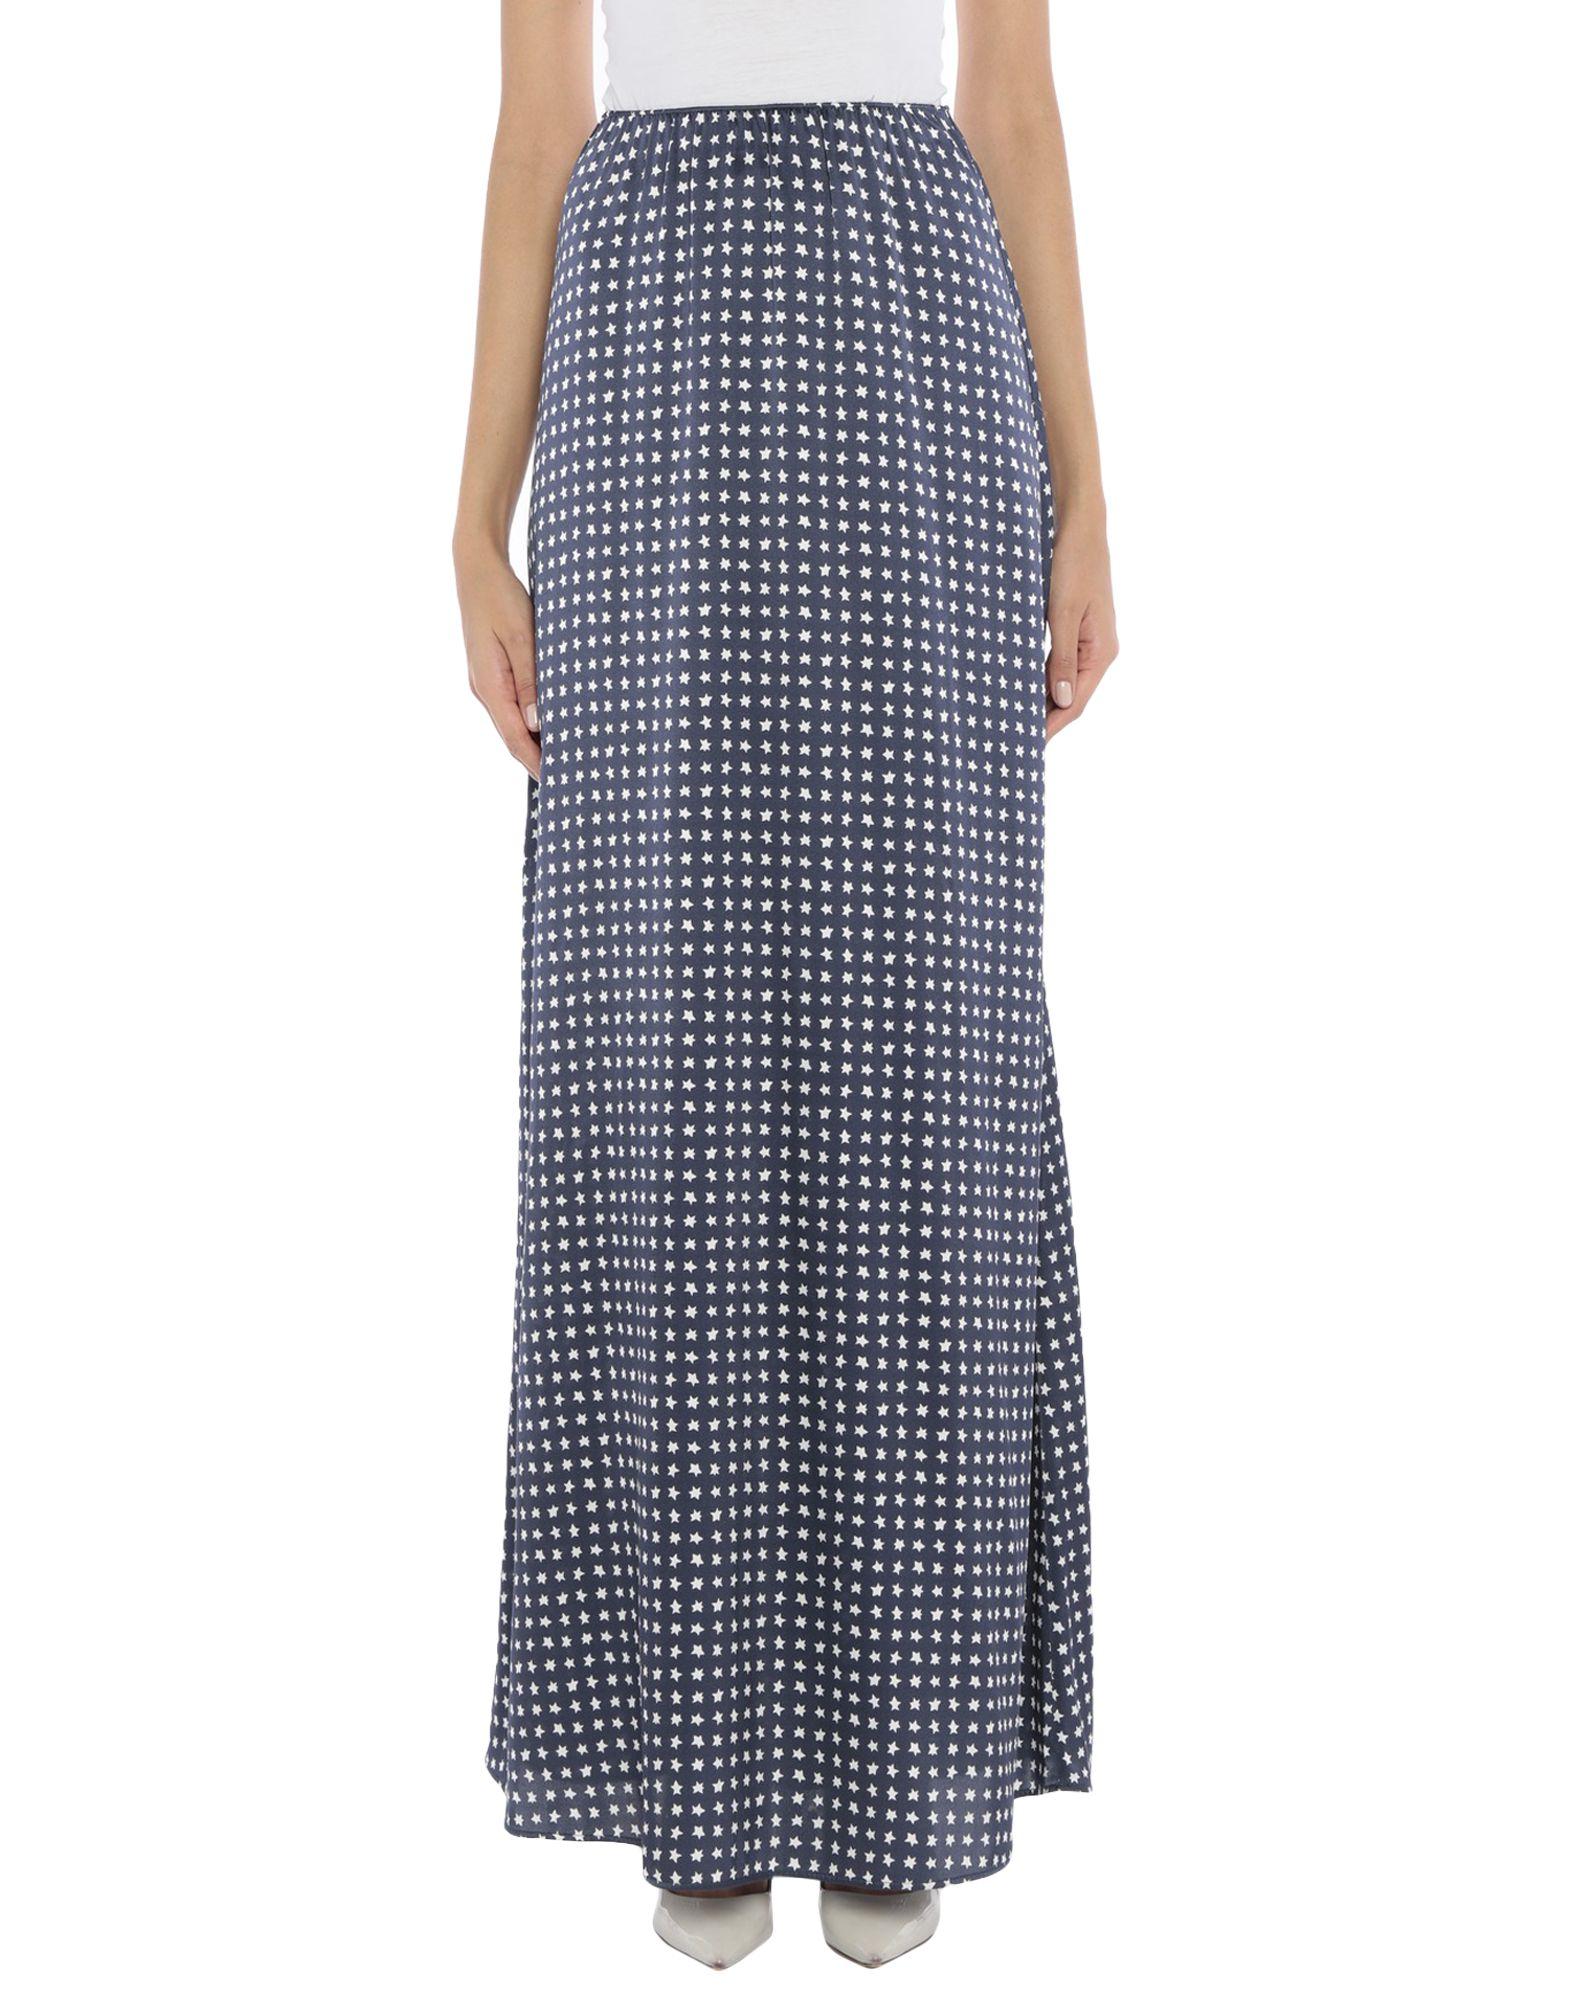 AMINA RUBINACCI Длинная юбка amina rubinacci льняное платье с отделкой пайетками